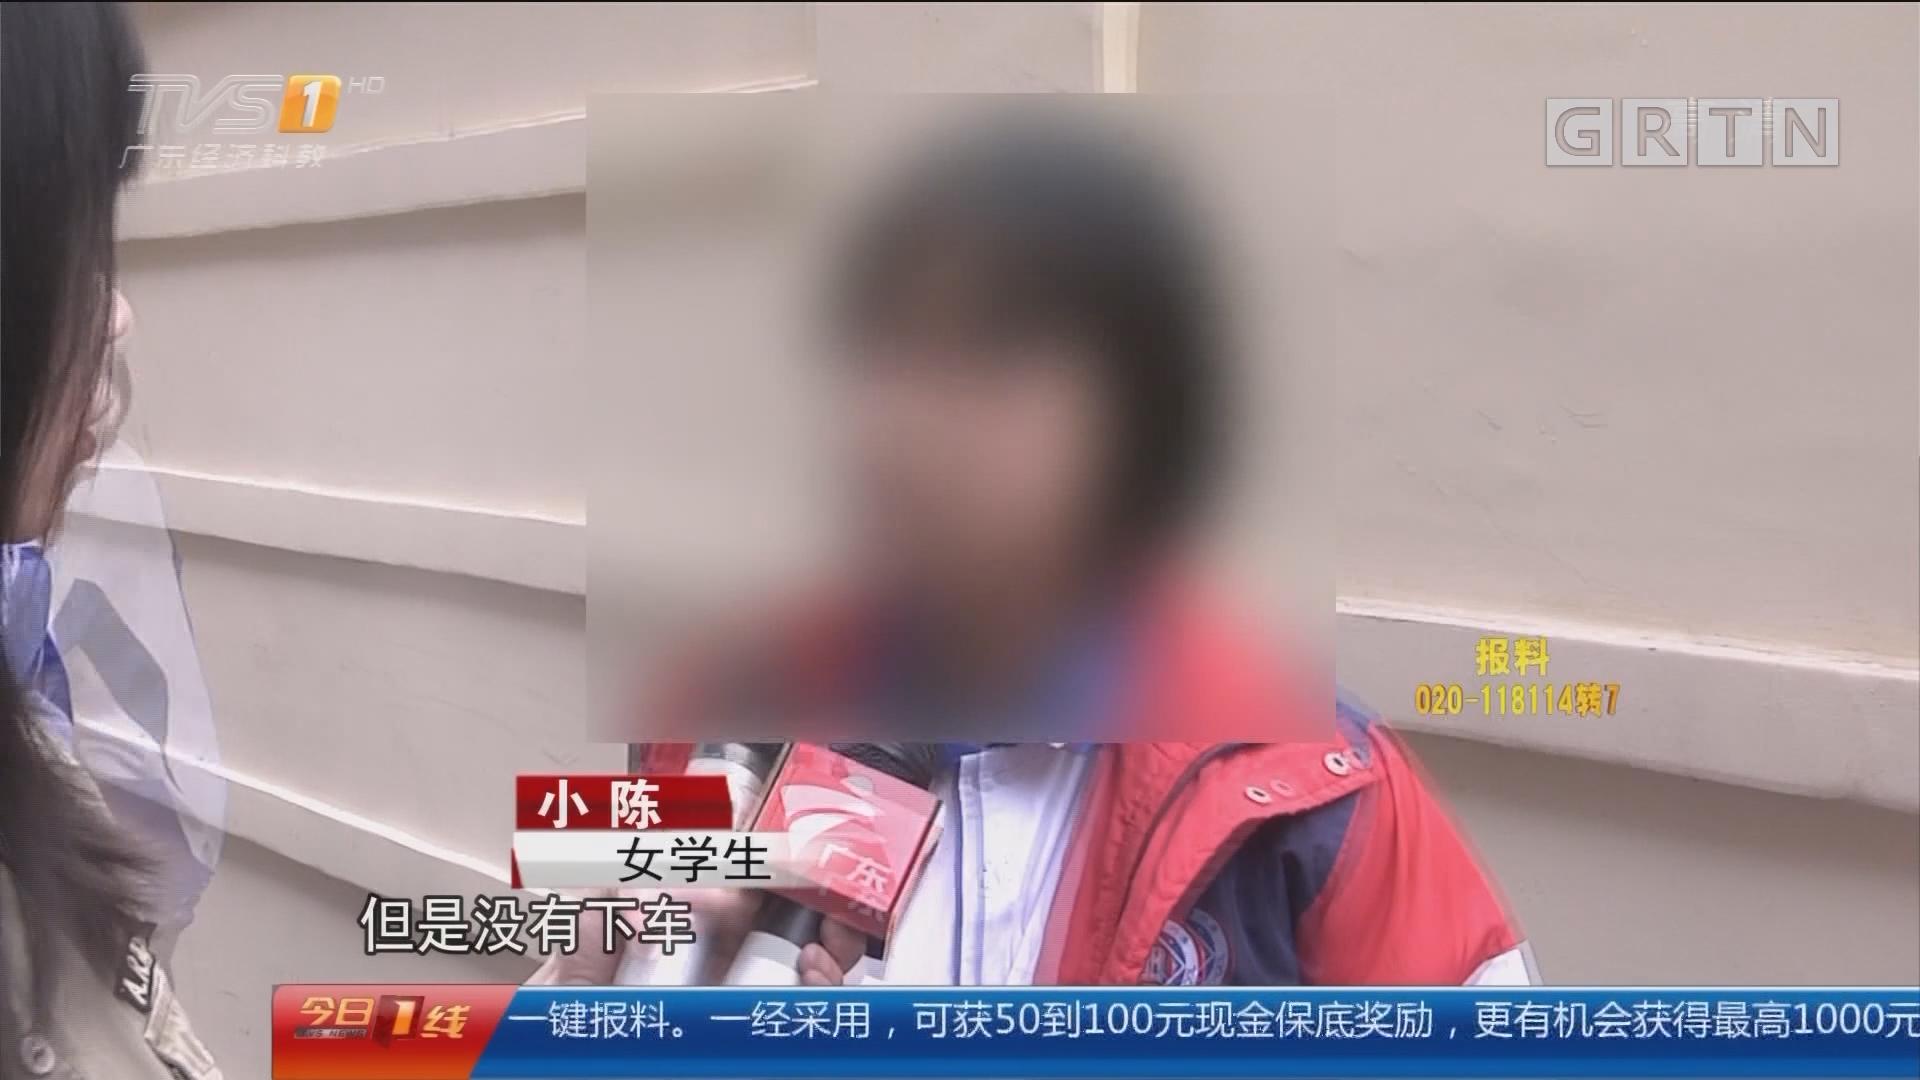 广州越秀区:开车门撞翻骑行女生 司机未下车惹争议